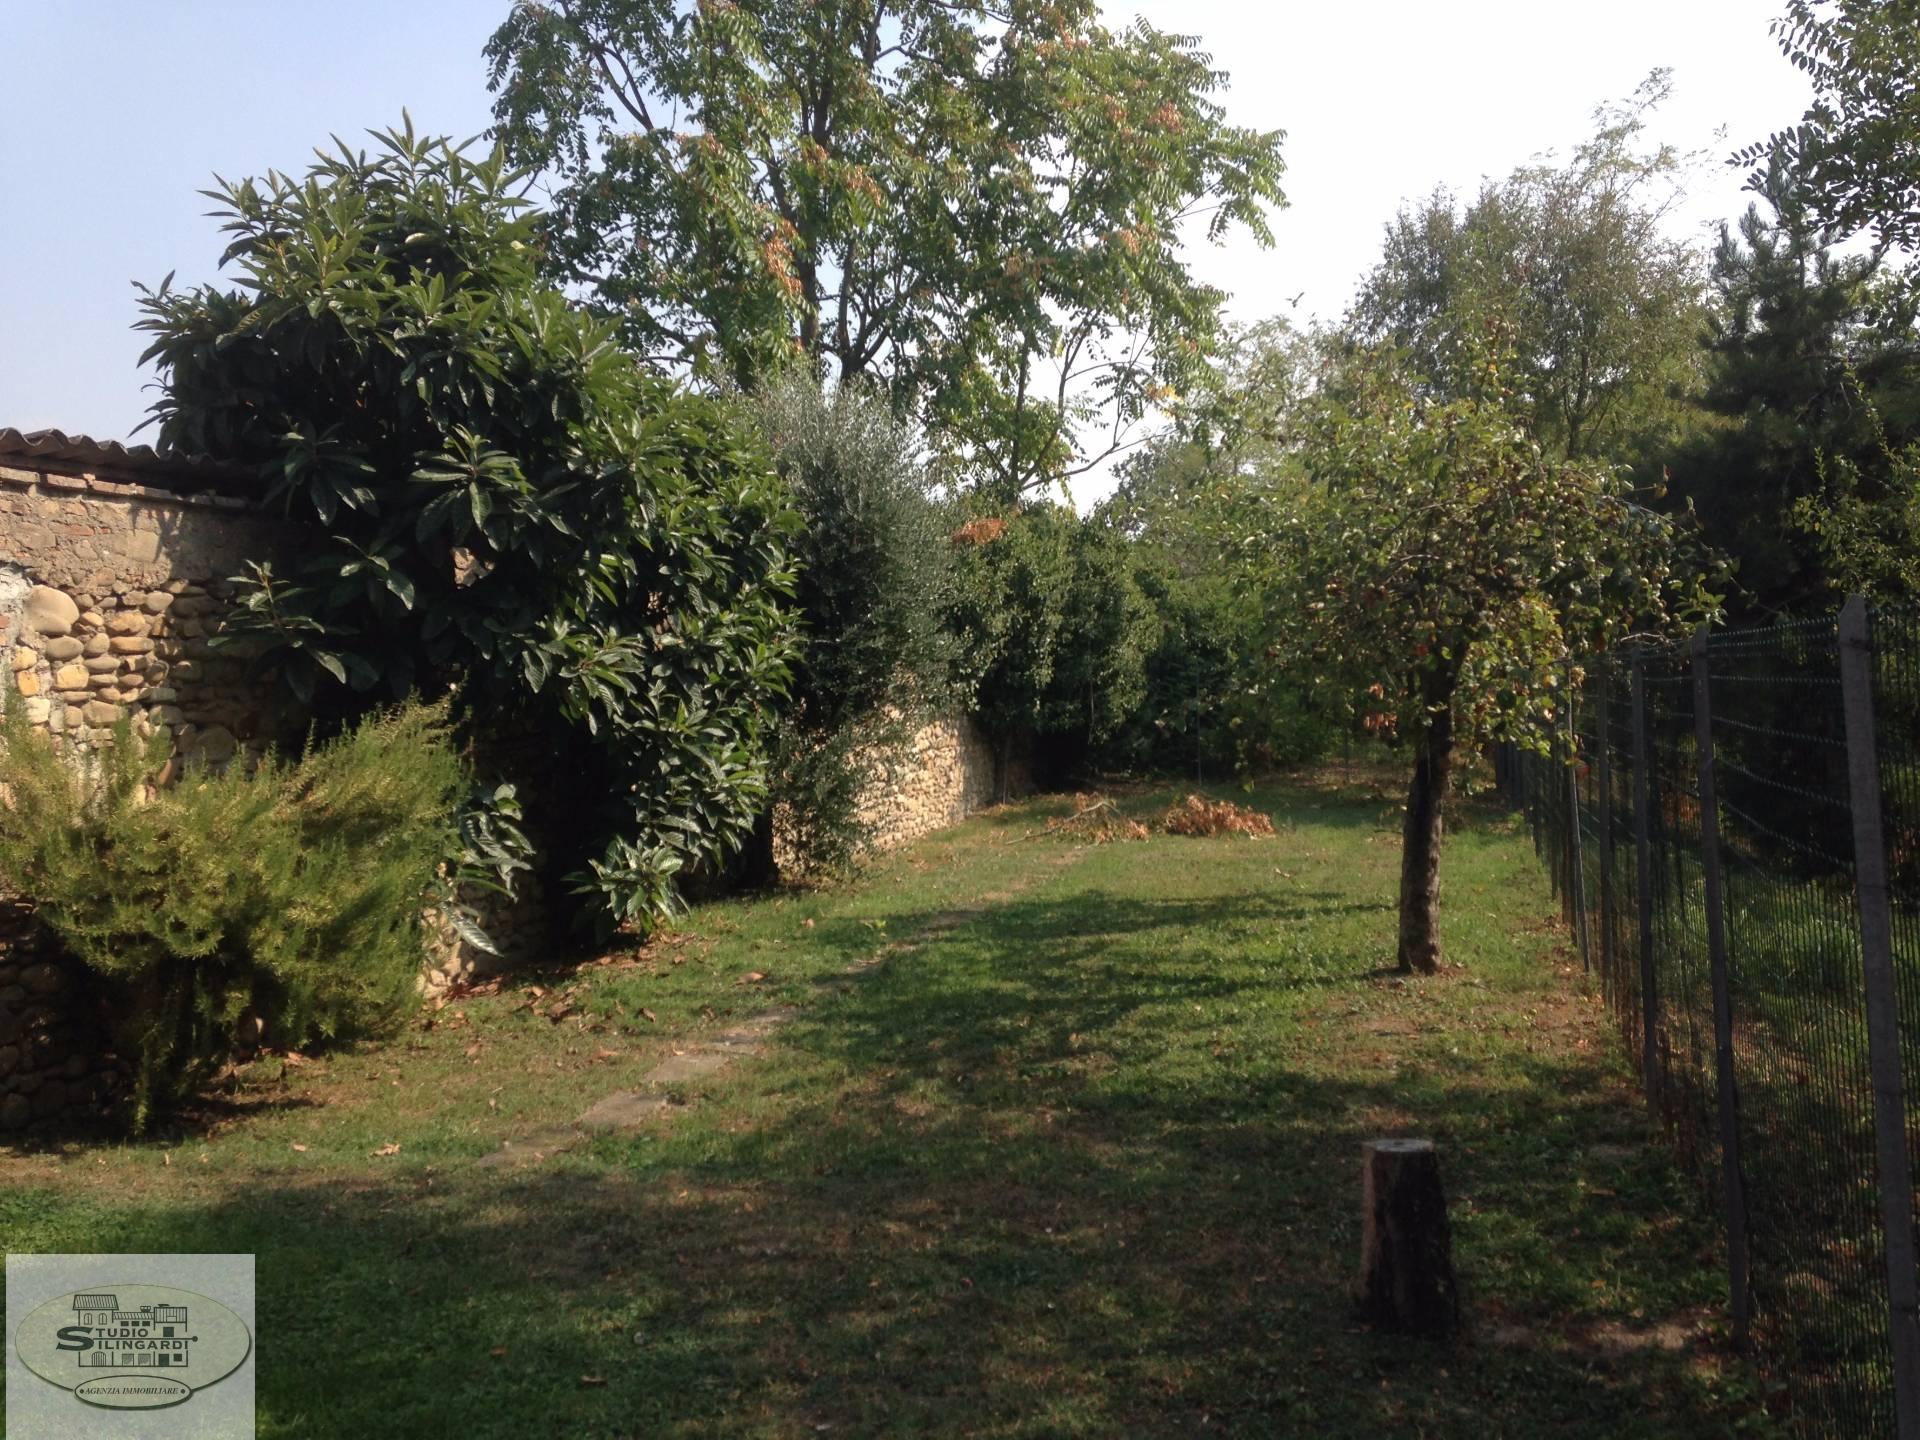 Rustico / Casale in vendita a Formigine, 9 locali, zona Zona: Magreta, prezzo € 200.000 | Cambio Casa.it